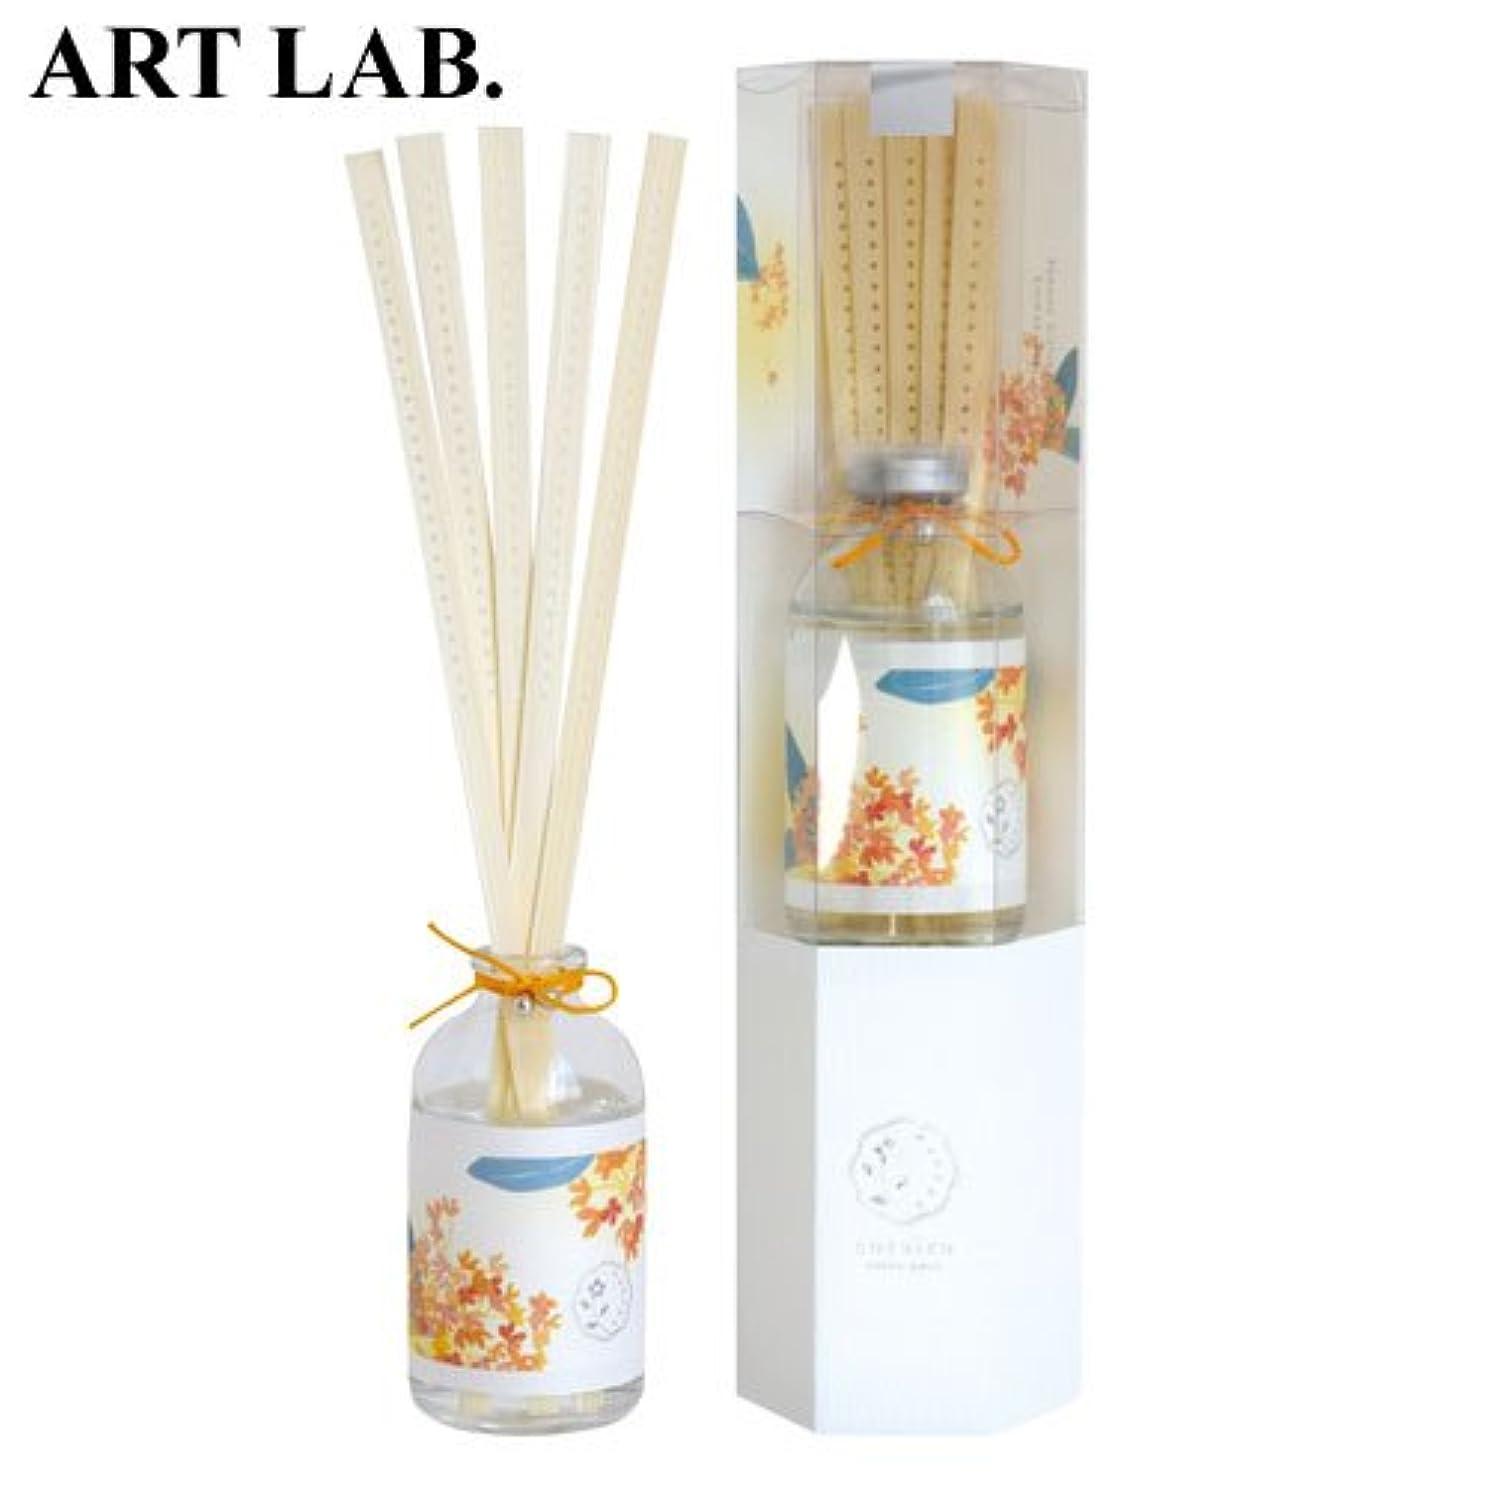 周辺更新するアウターwanokaバンブーディフューザー金木犀《果実のような甘い香り》ART LABAroma Diffuser